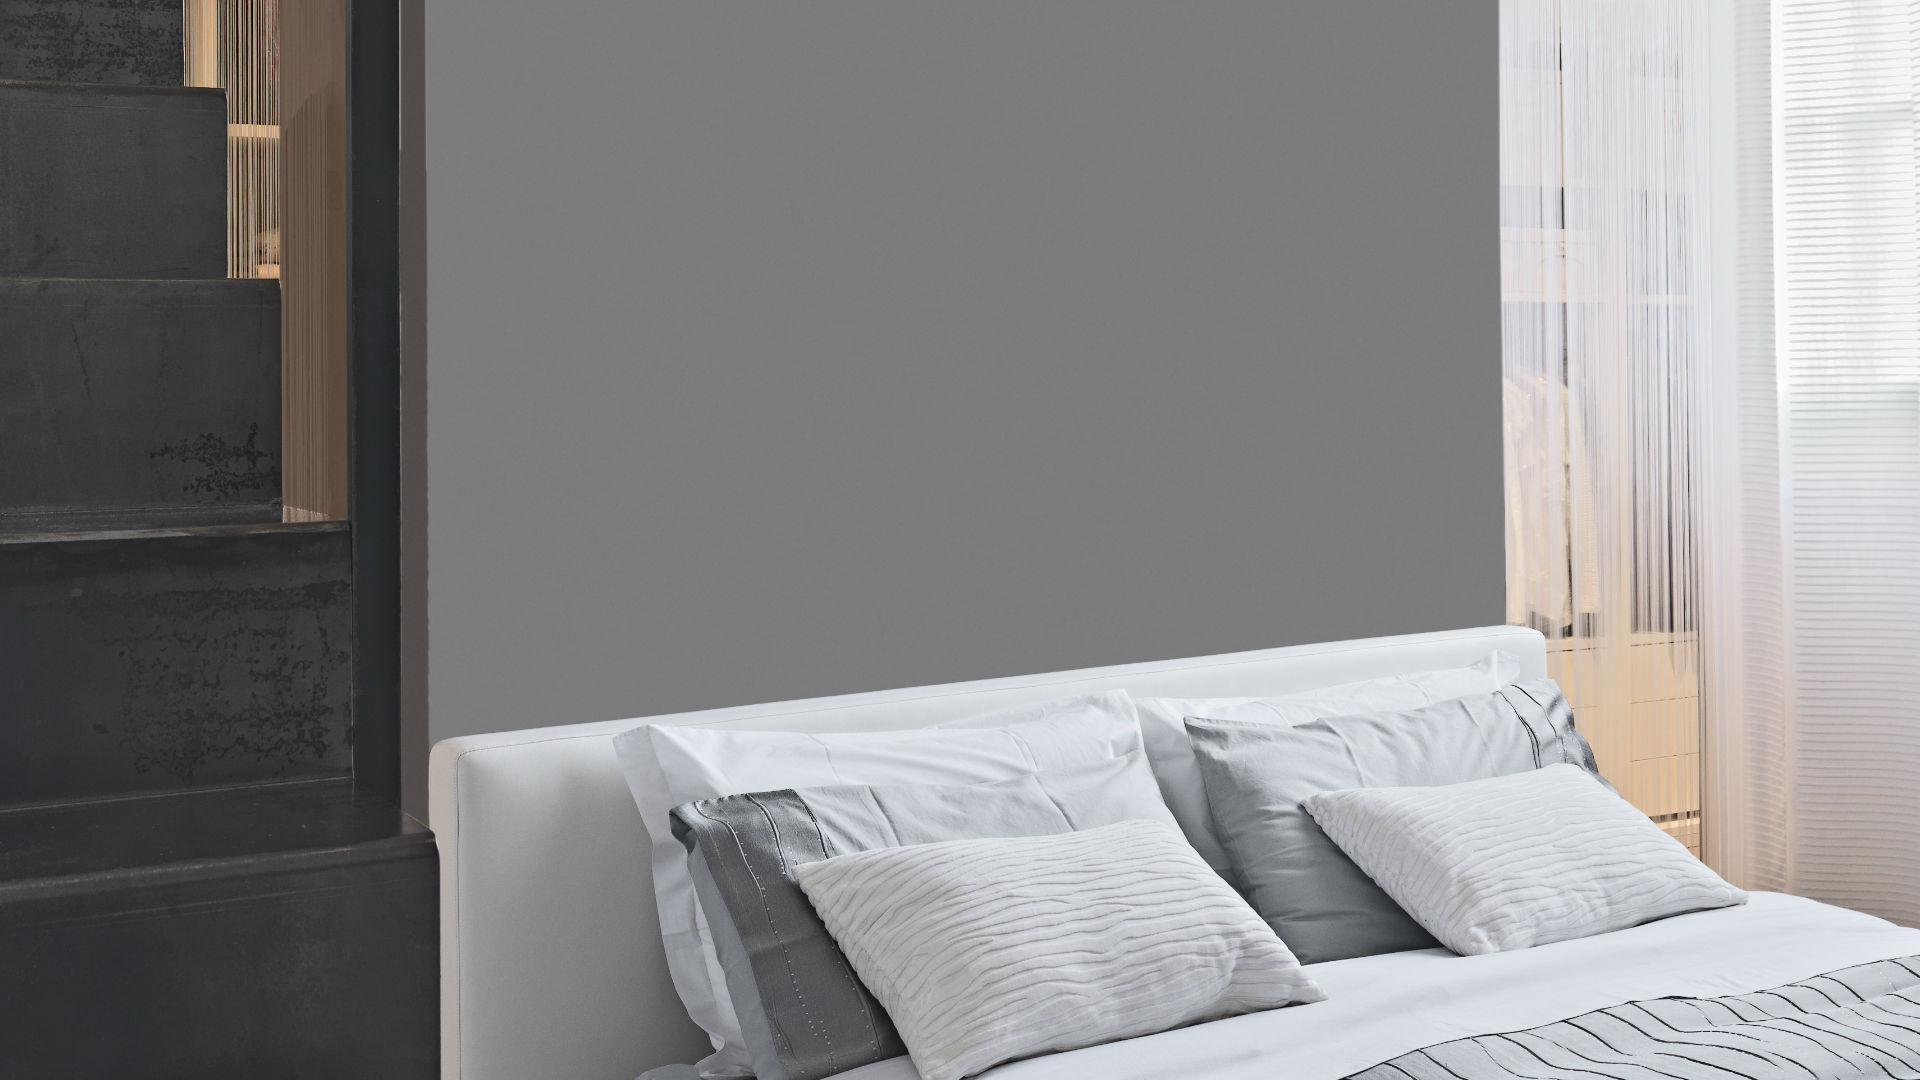 Inspiratie, ideeën en verftips voor je slaapkamer